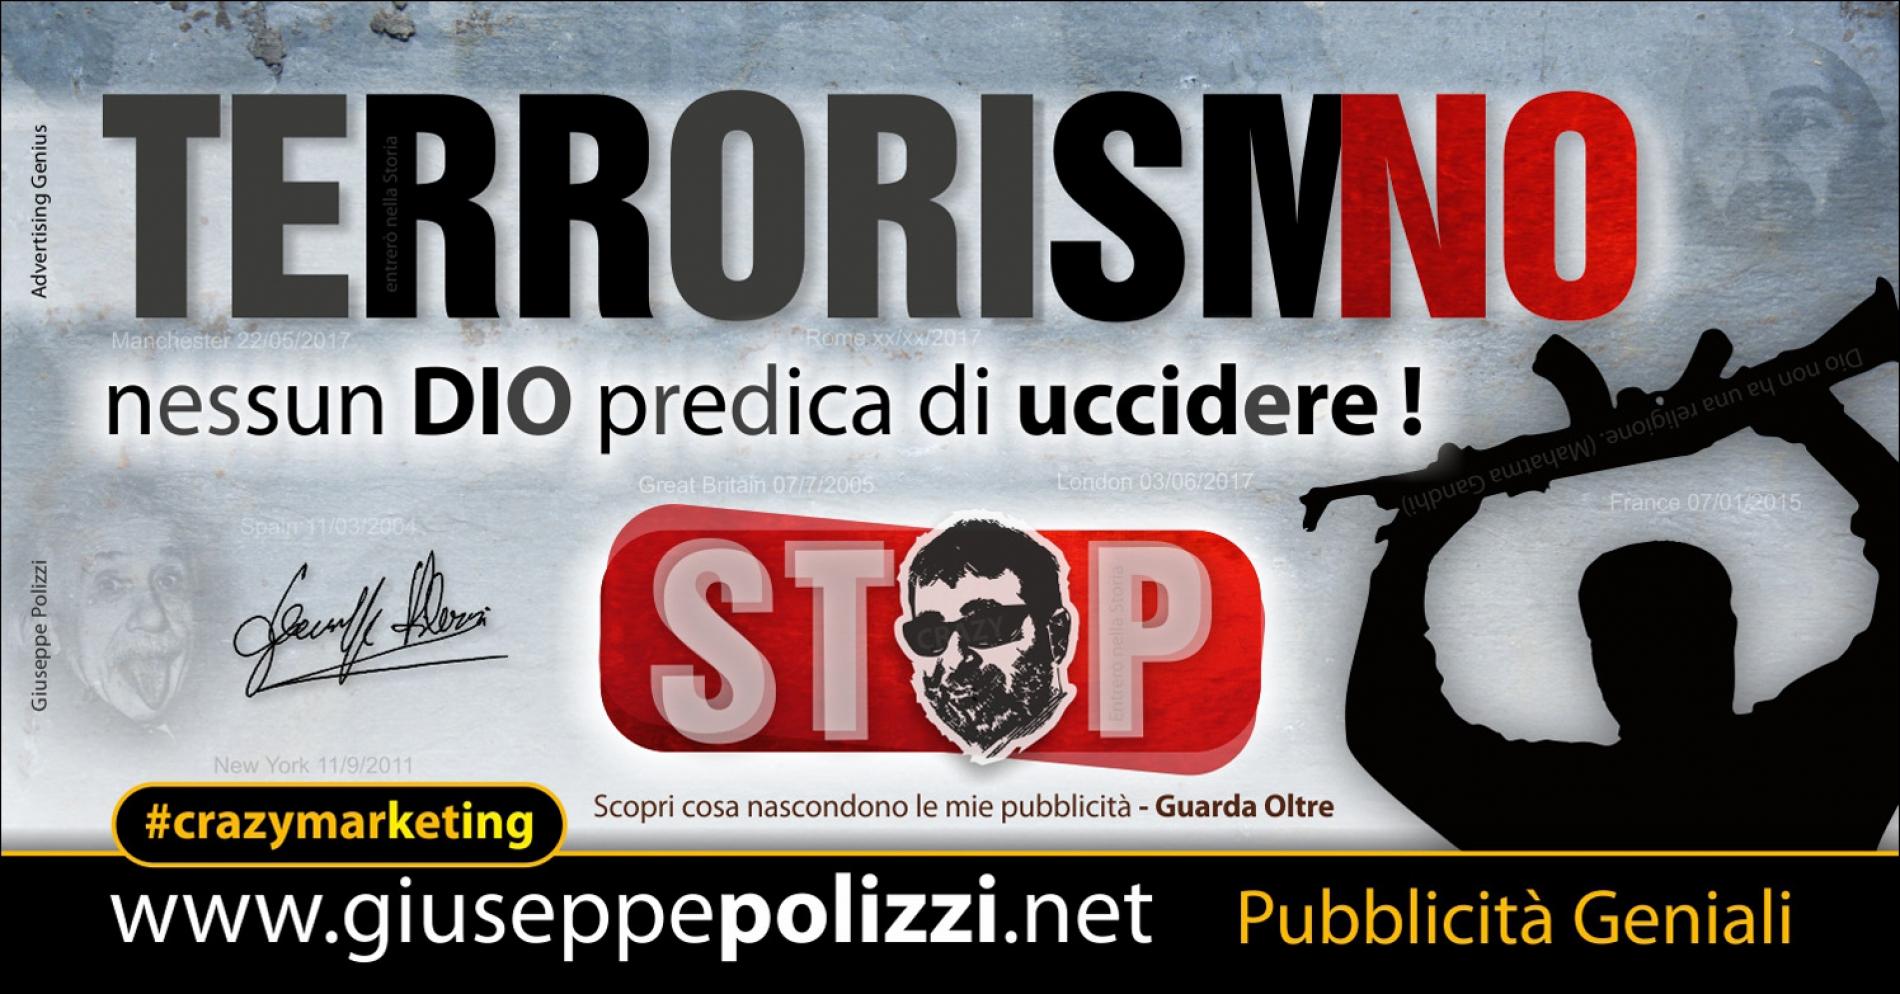 giuseppe Polizzi pubblicita  TERRORISMO crazymarketing genius